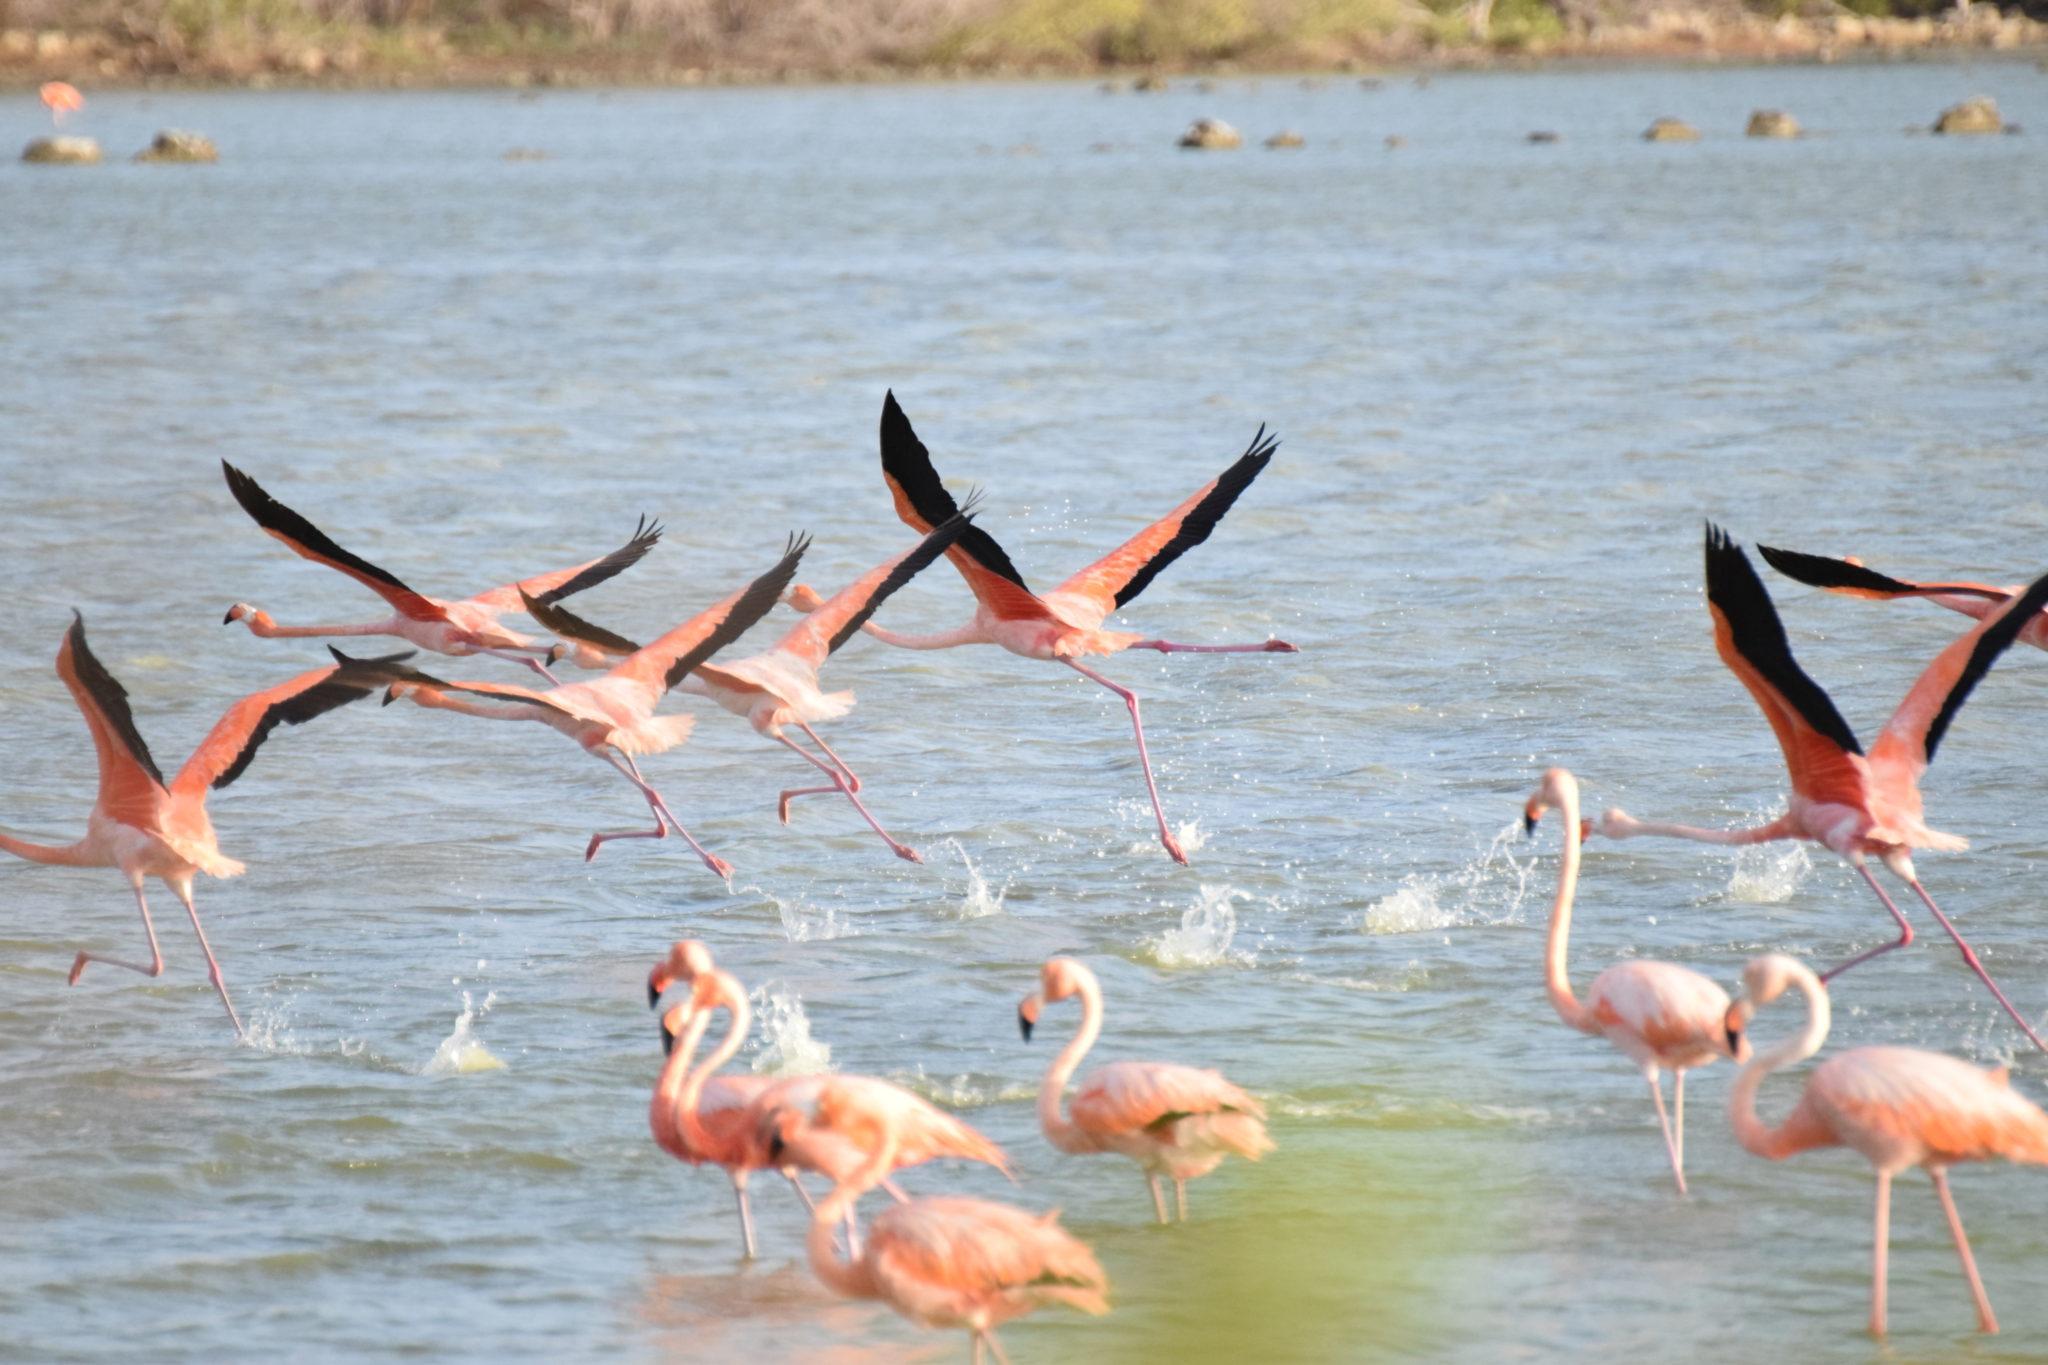 flamingo bullenbaai